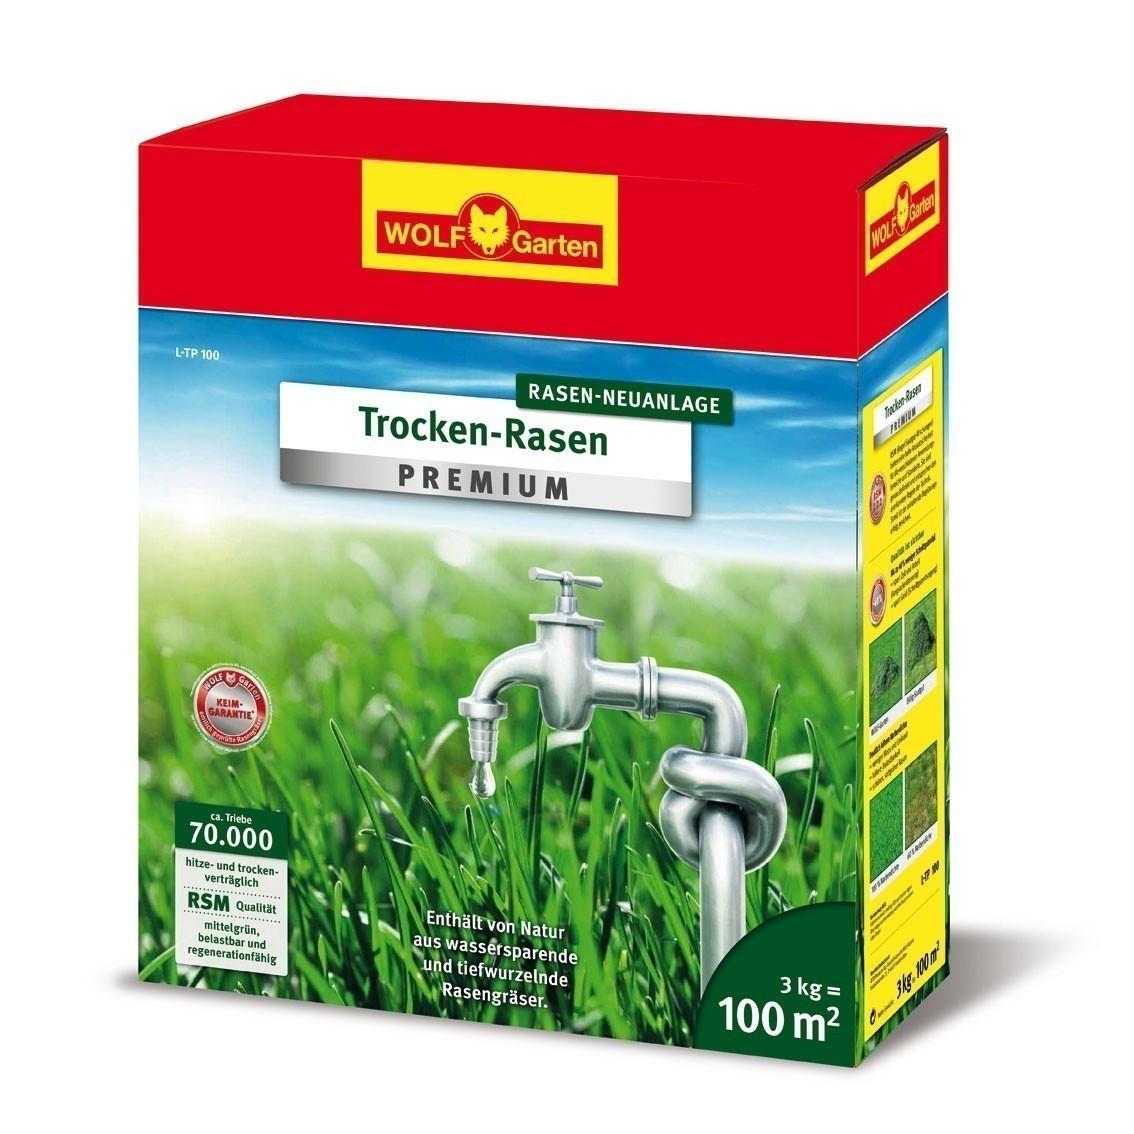 Wolf Garten Rasensamen Trocken-Rasen Premium Saatgut L-TP100 für 100m² Bild 1